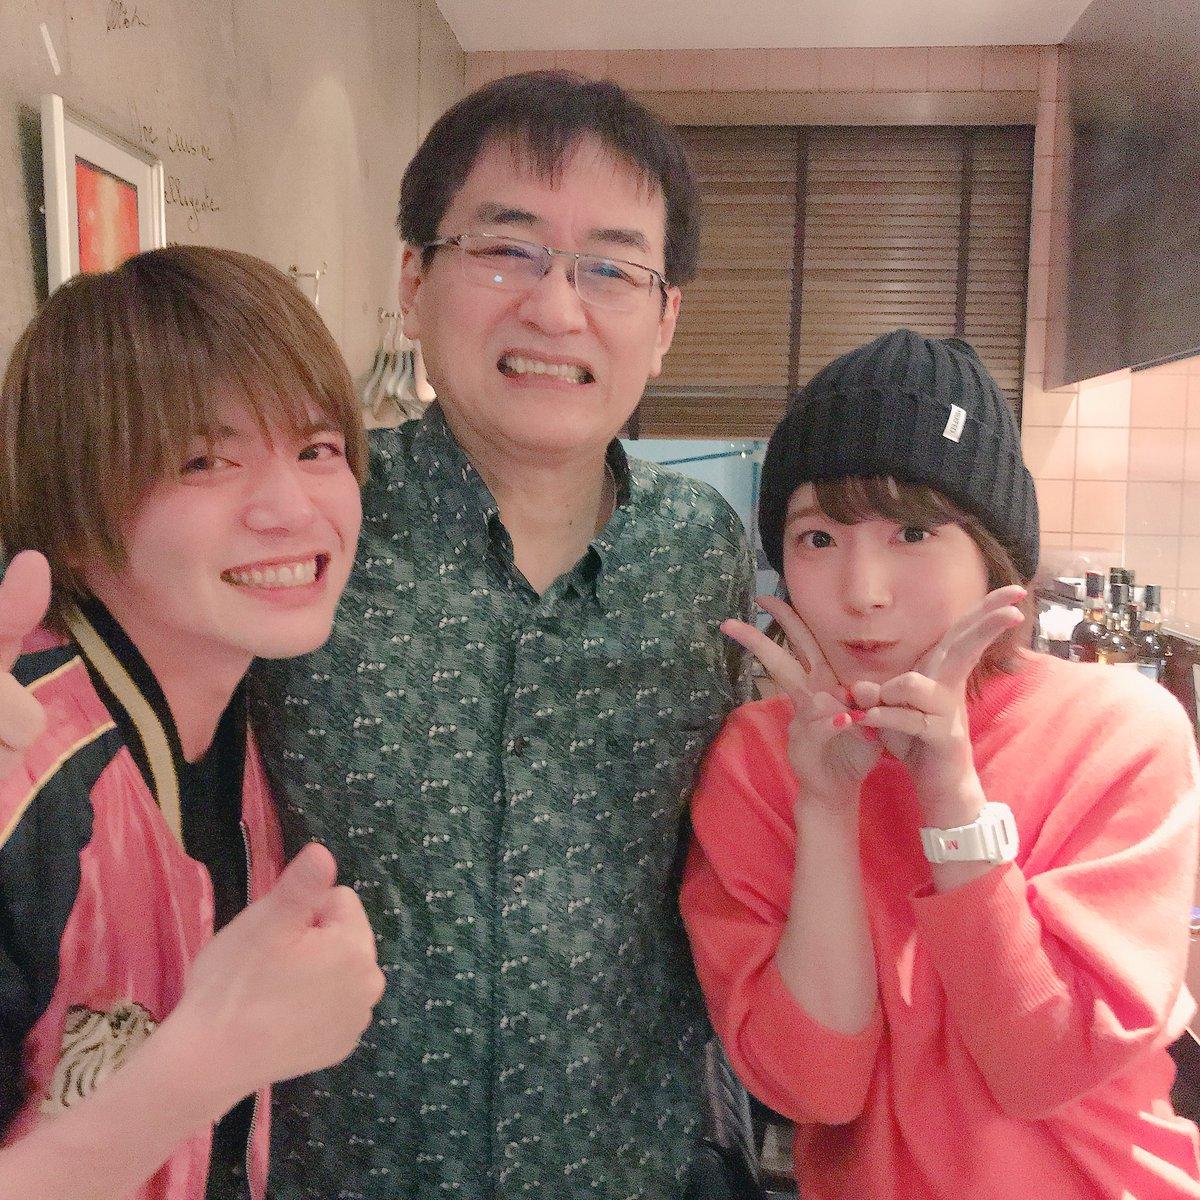 田中公平先生と内田姉弟ご飯に行ってきました! 姉弟、憧れの先生との、ご飯…! 夢が叶いました…!! ありがとうございました!!